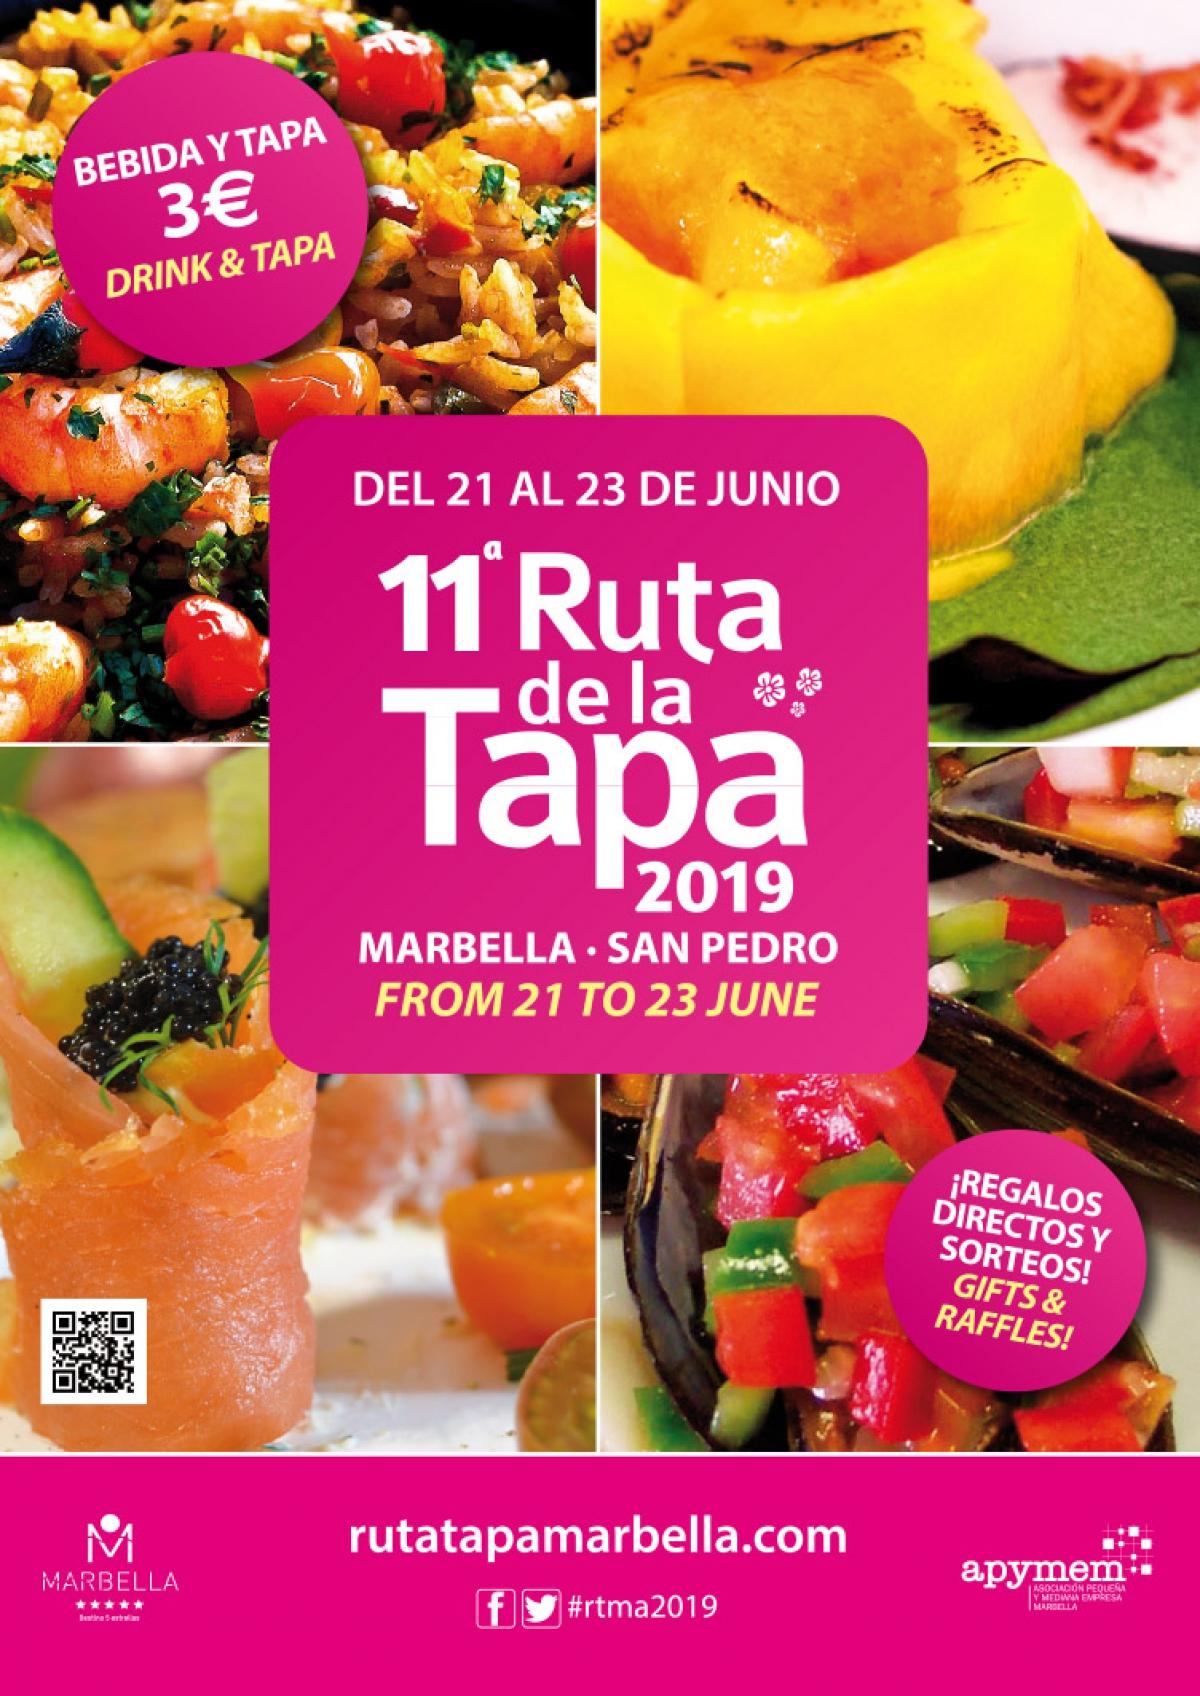 Más de 50 establecimientos participarán en la undécima edición de la Ruta de la Tapa Marbella-San Pedro 2019, que se celebrará del 21 al 23 de junio